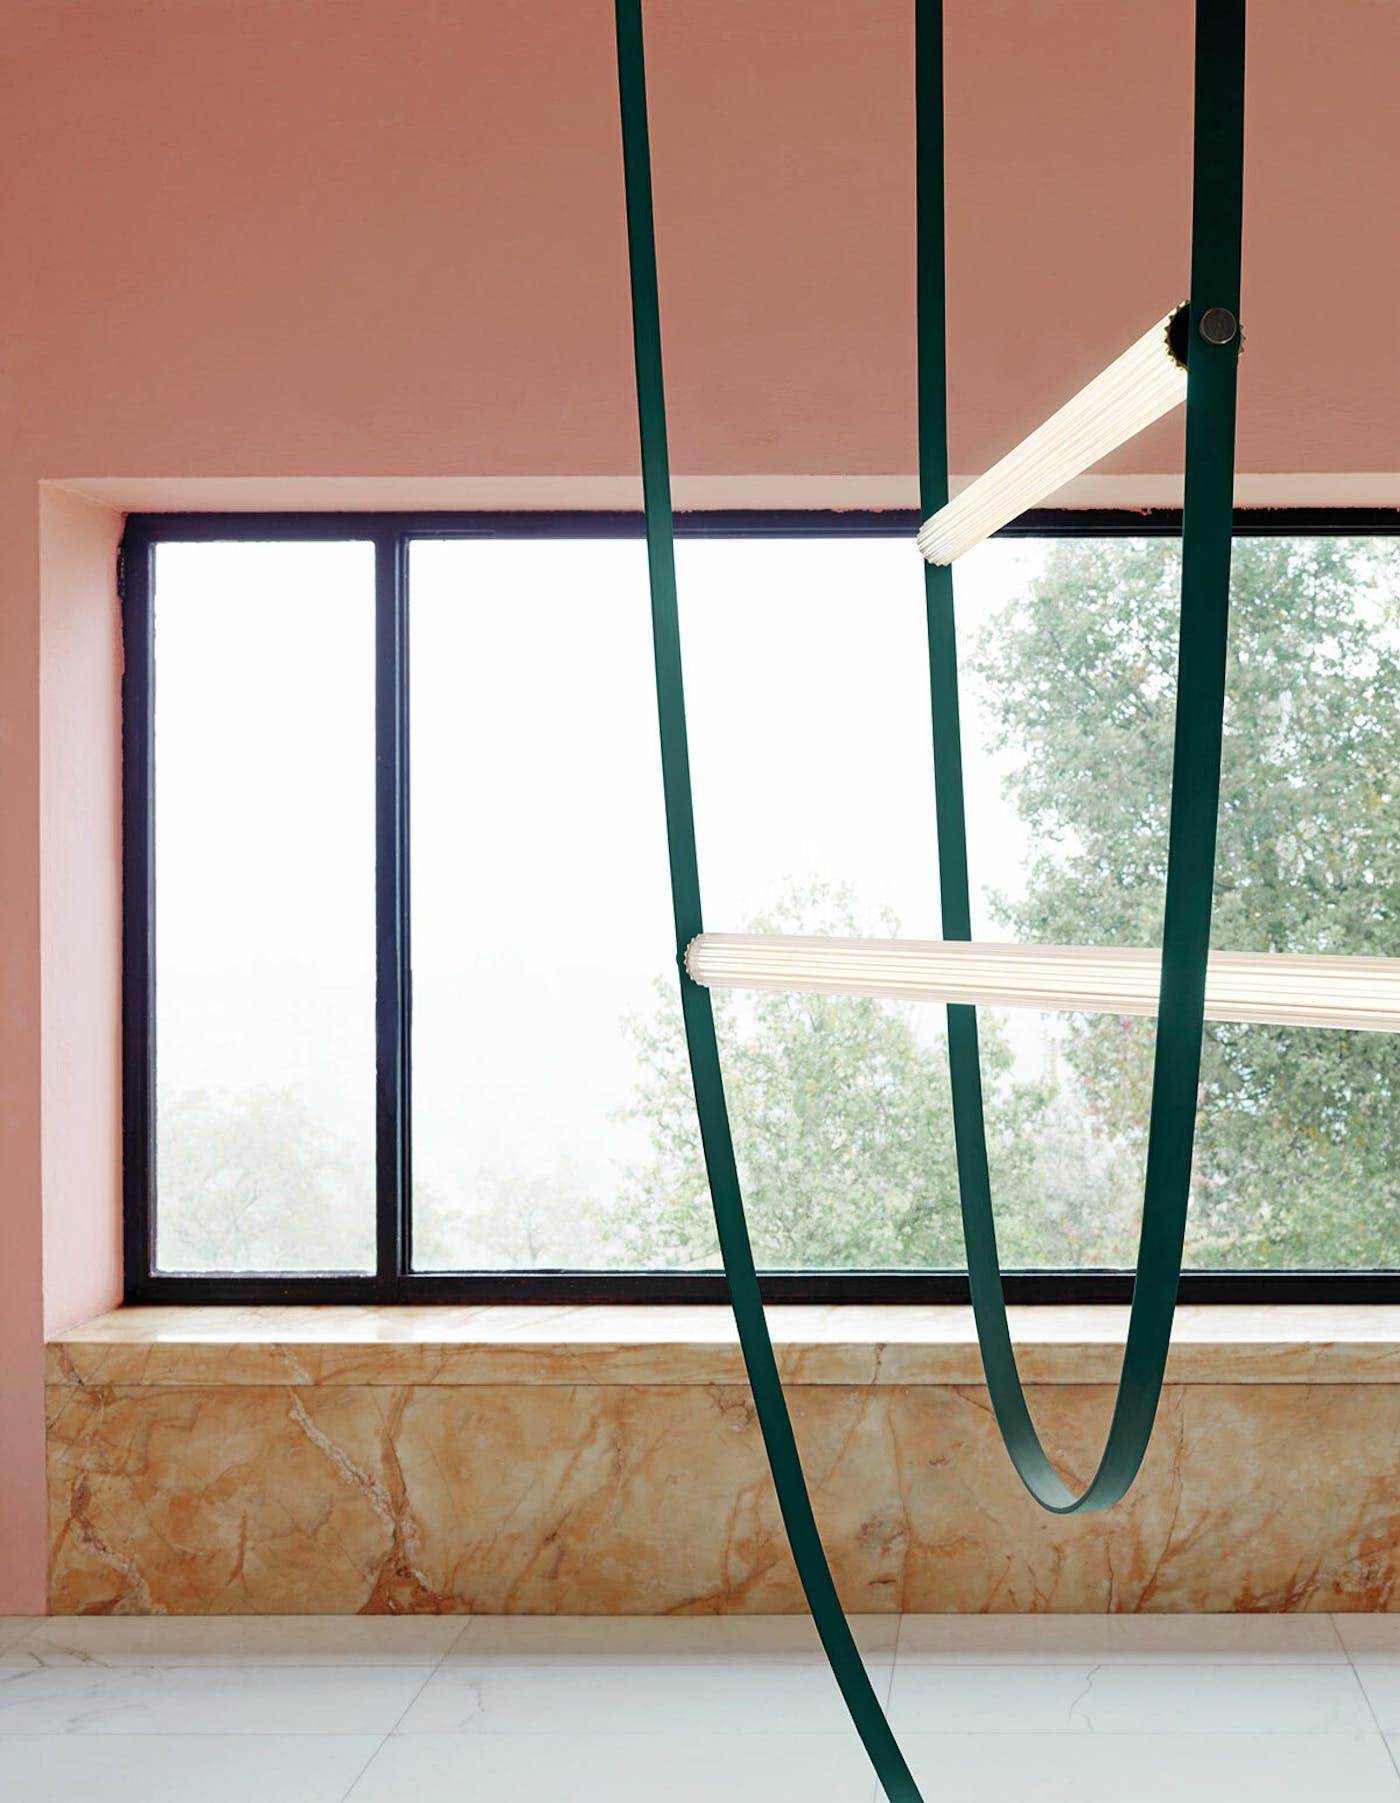 Stories flos issue 3 wireline villa ottolenghi 05